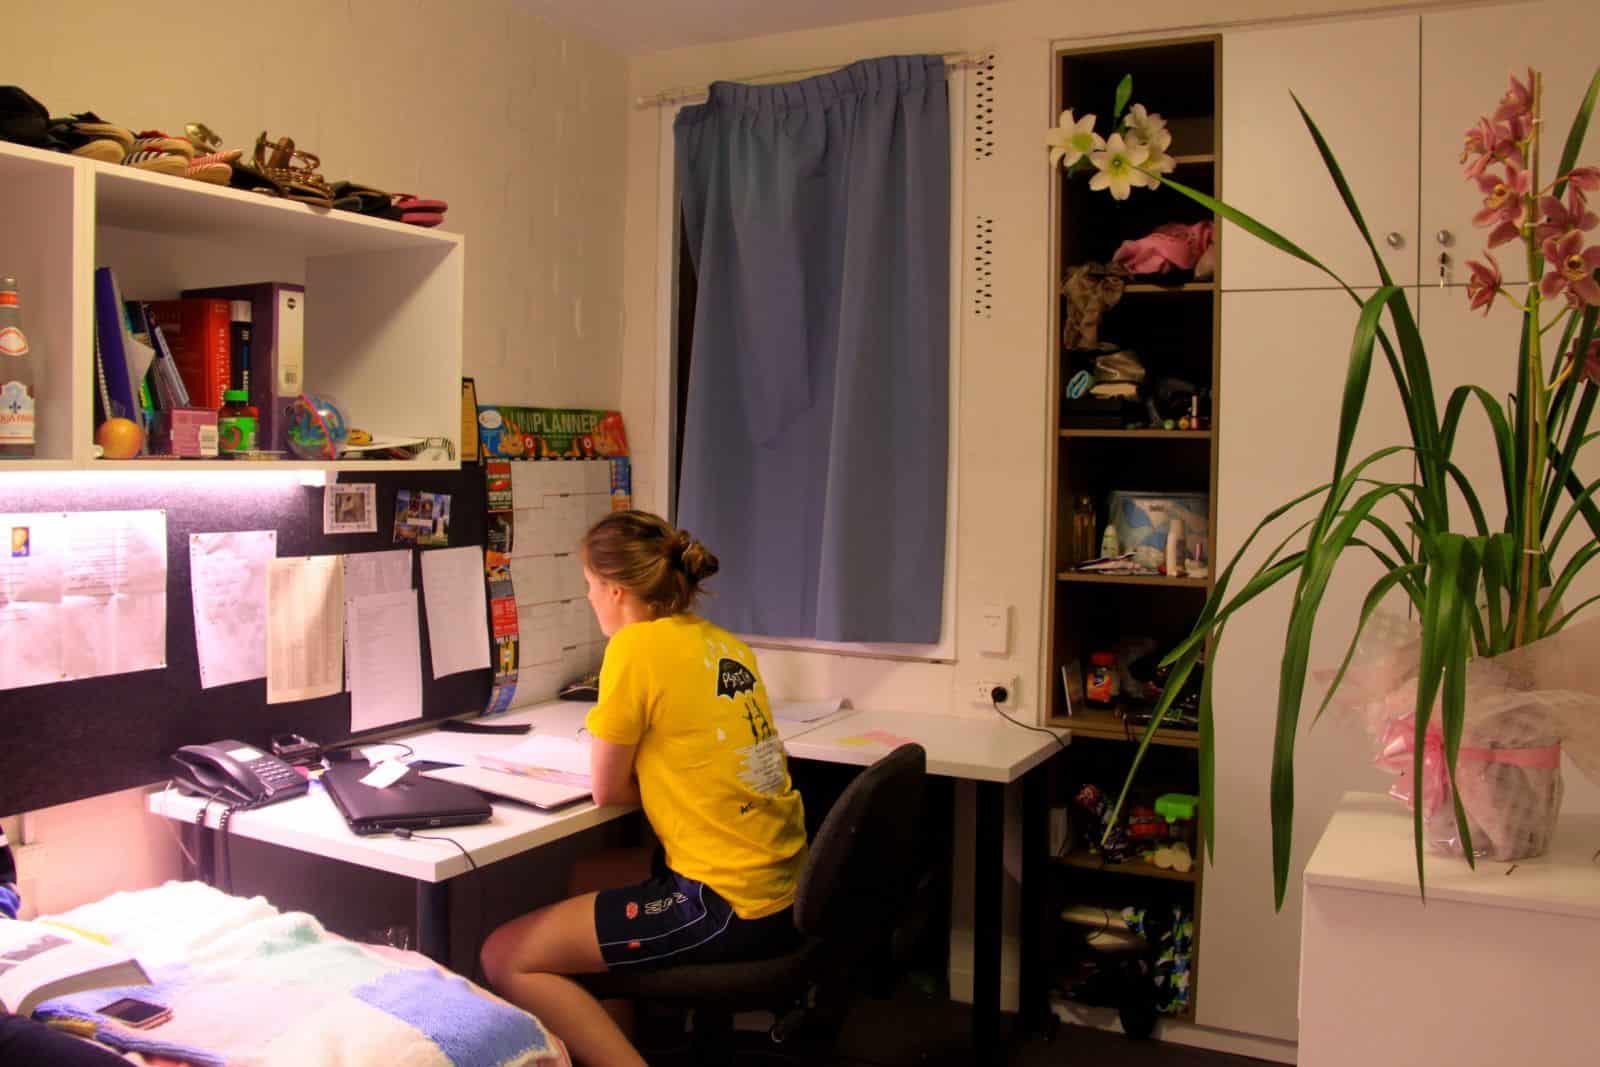 Kết quả hình ảnh cho Du học ở Úc và câu chuyện tá túc ở nhà người thân